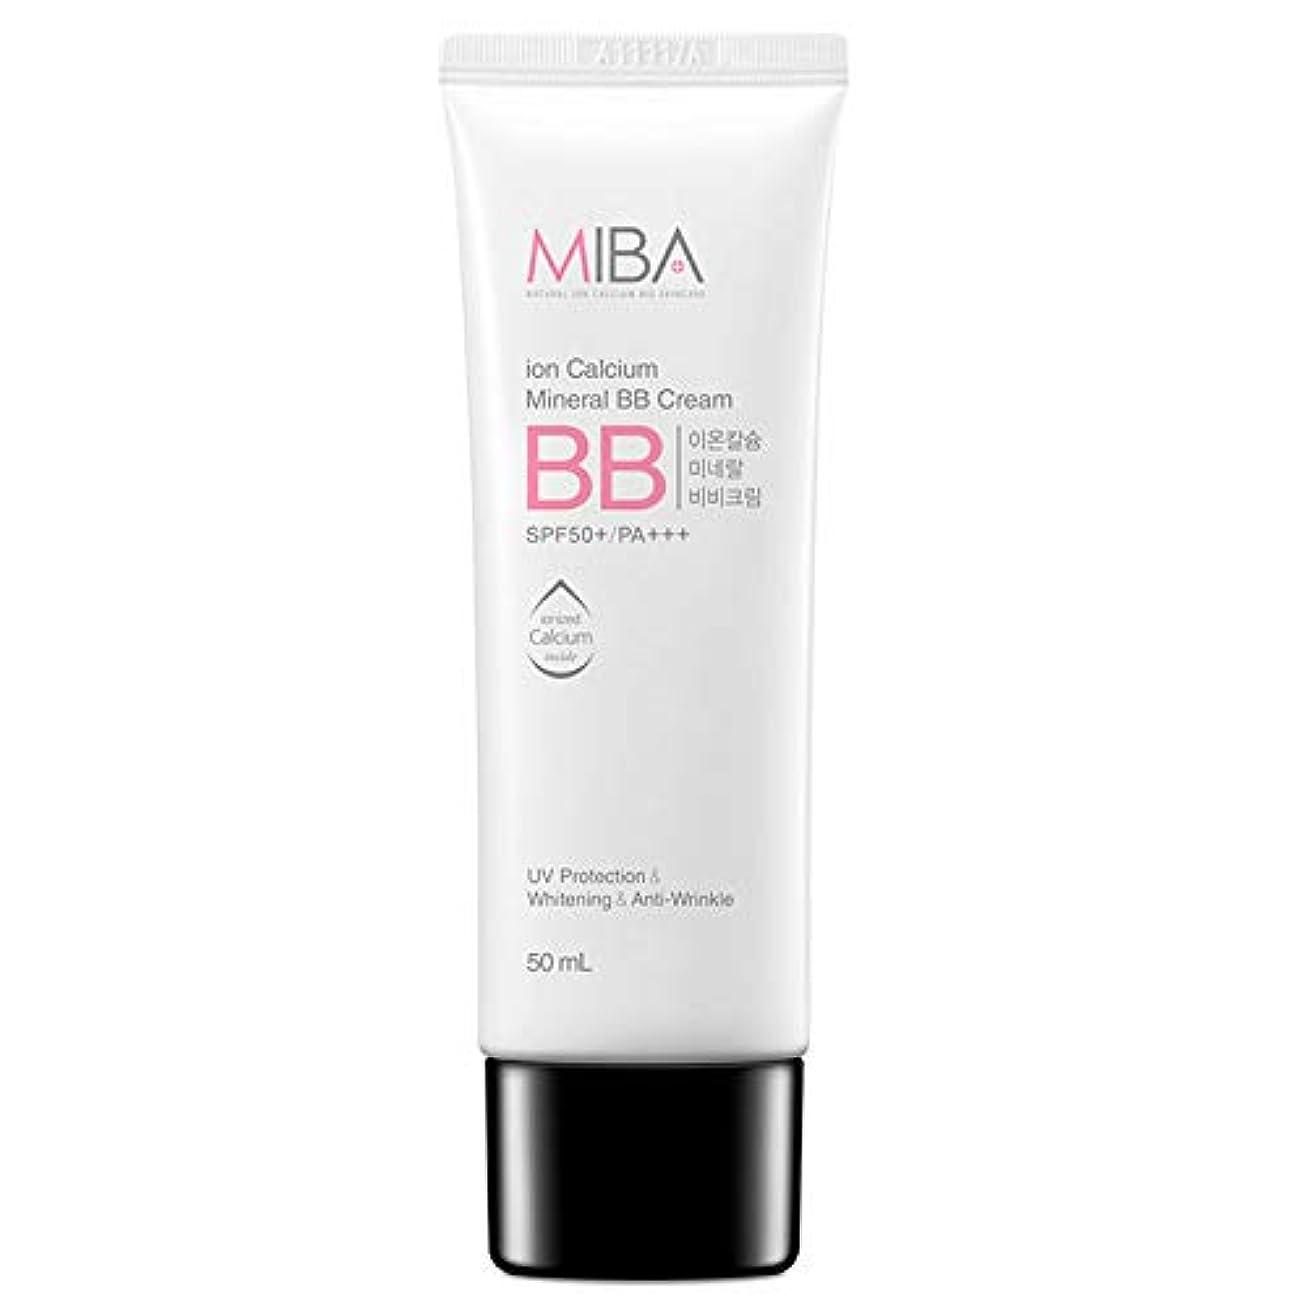 ペルメル一回カリキュラムスキンDr ミバ IC ミネラルBBクリーム SPF50+/ PA+++ / MIBA Ion Calcium Mineral BB Cream [正規品]